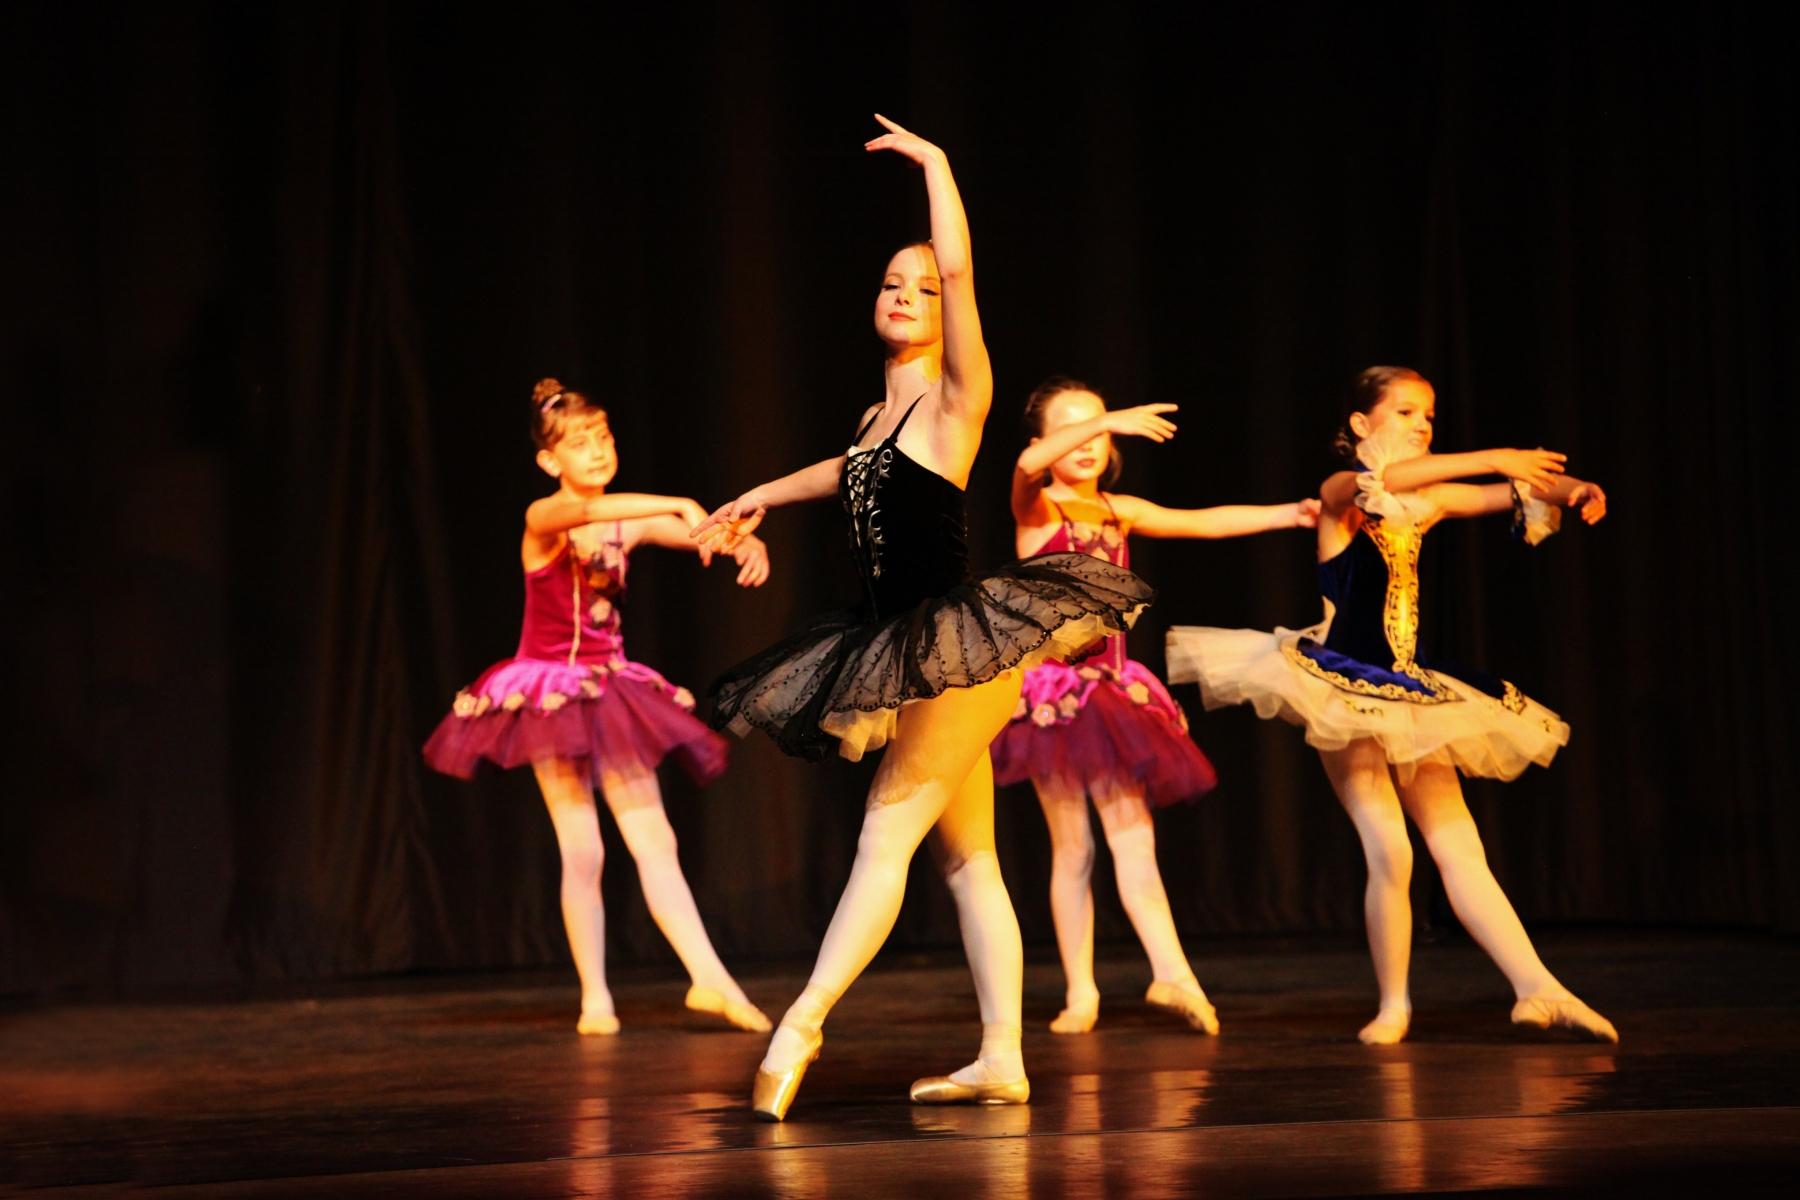 Ballerina 6